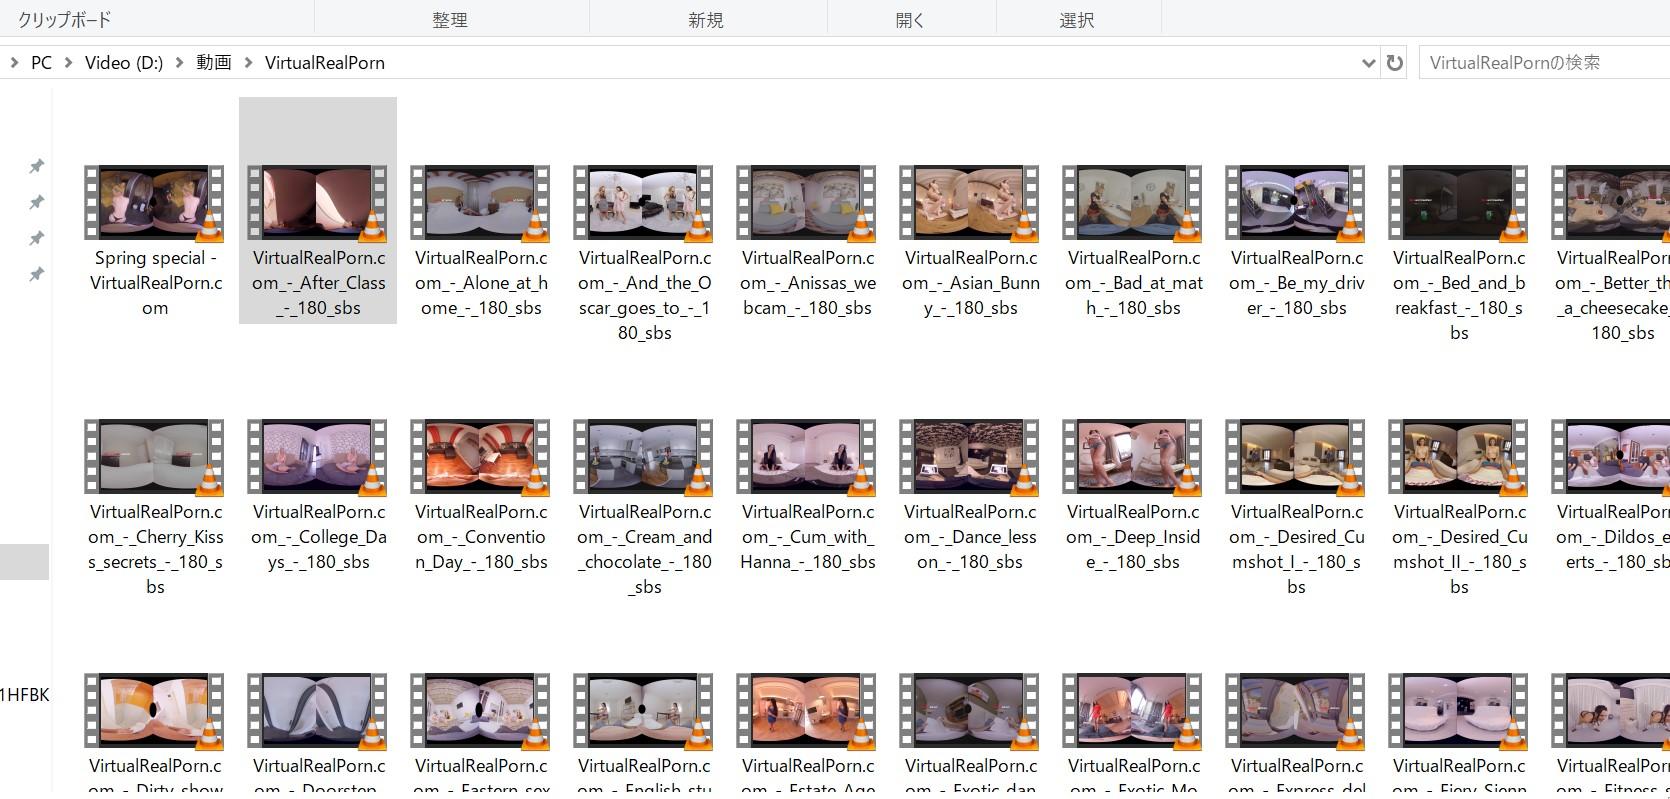 私がバーチャルリアルポルノの会員だったときにダウンロードしたVRエロ動画の一部